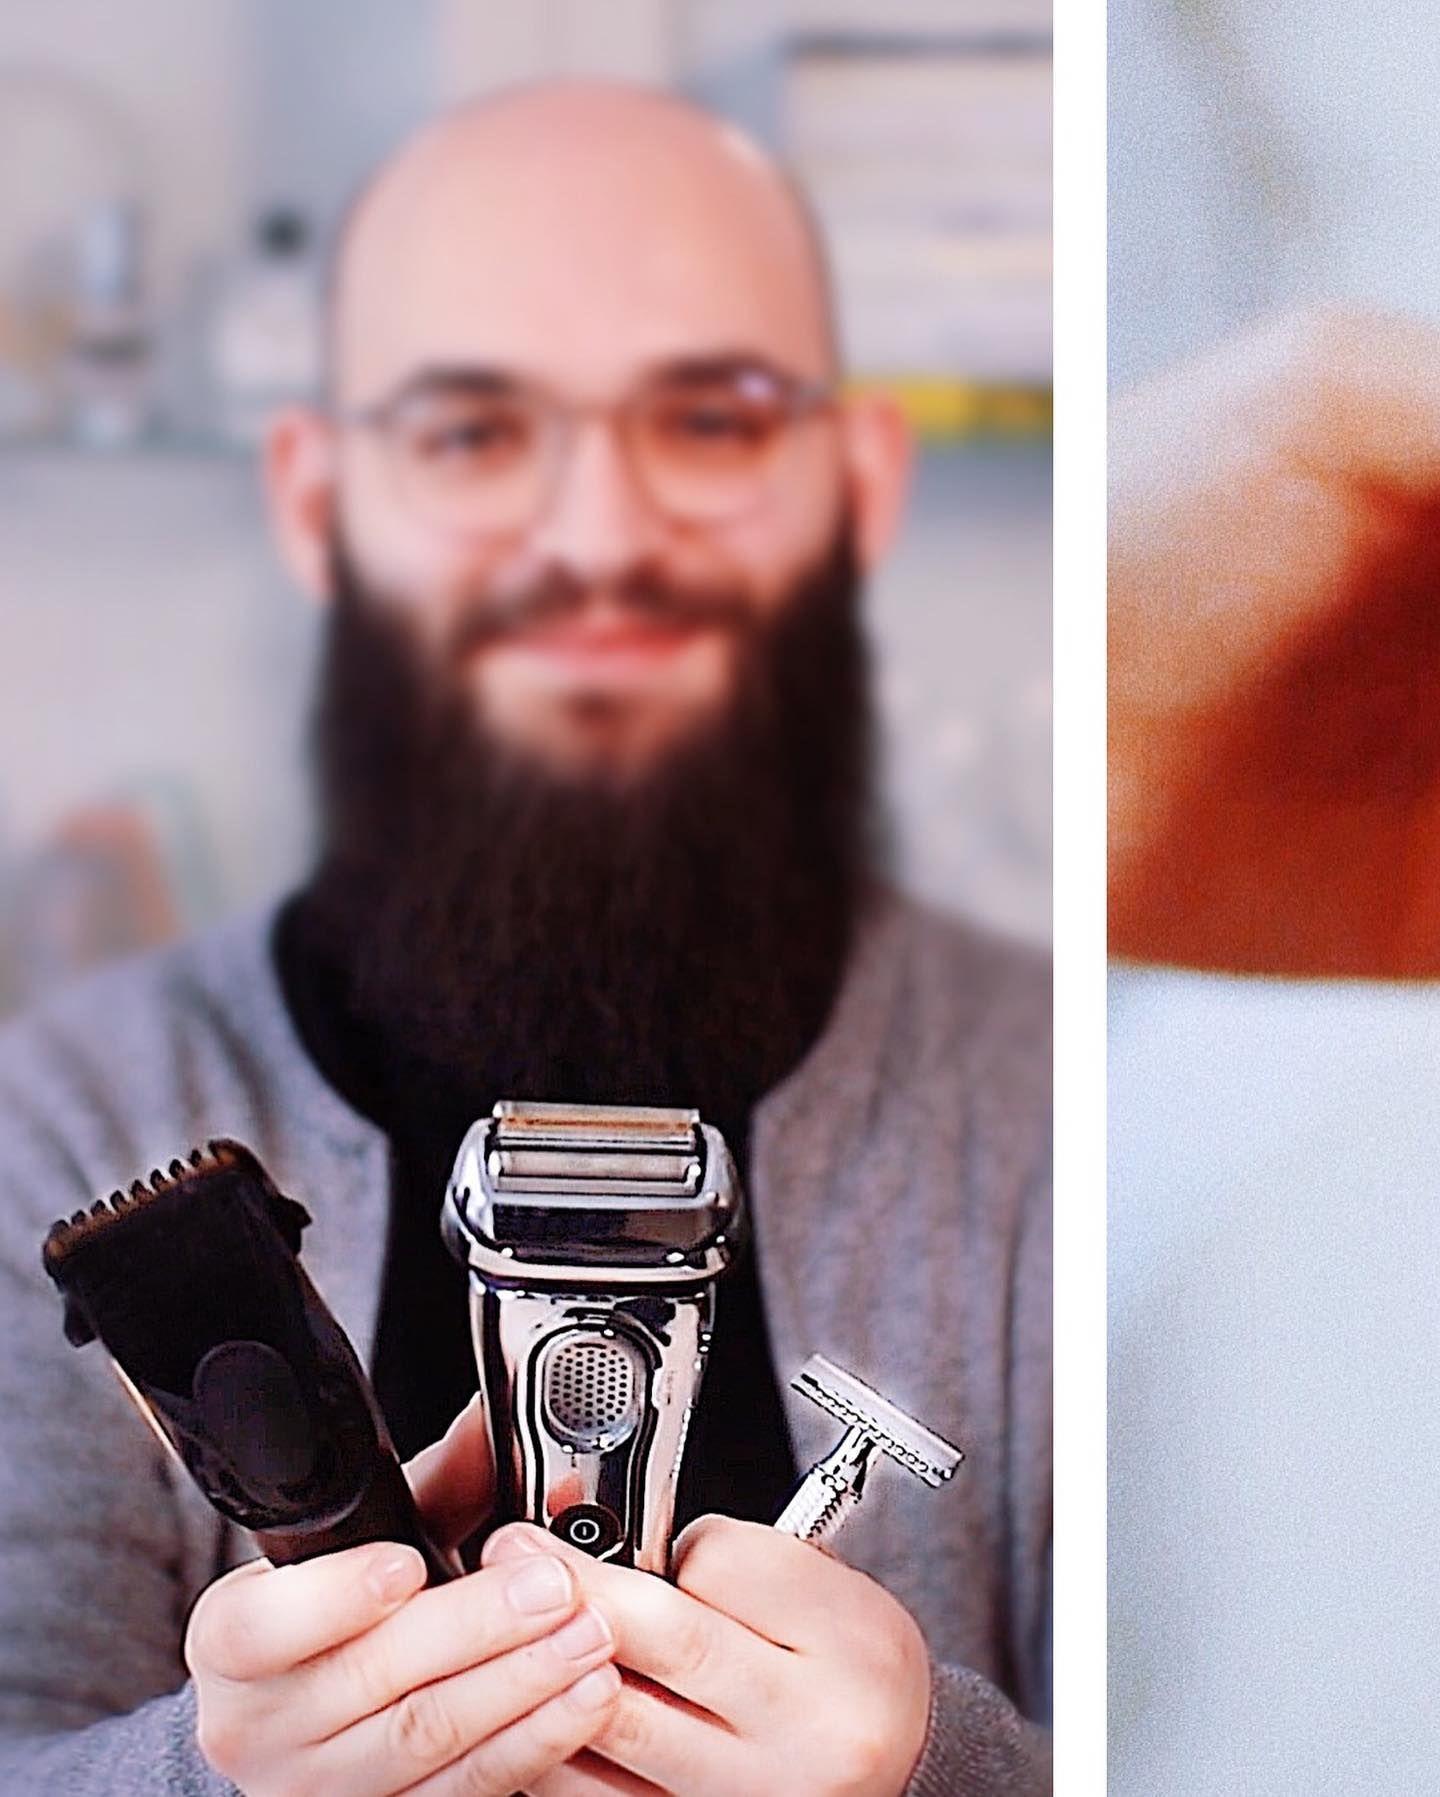 Glatze rasieren wie oft